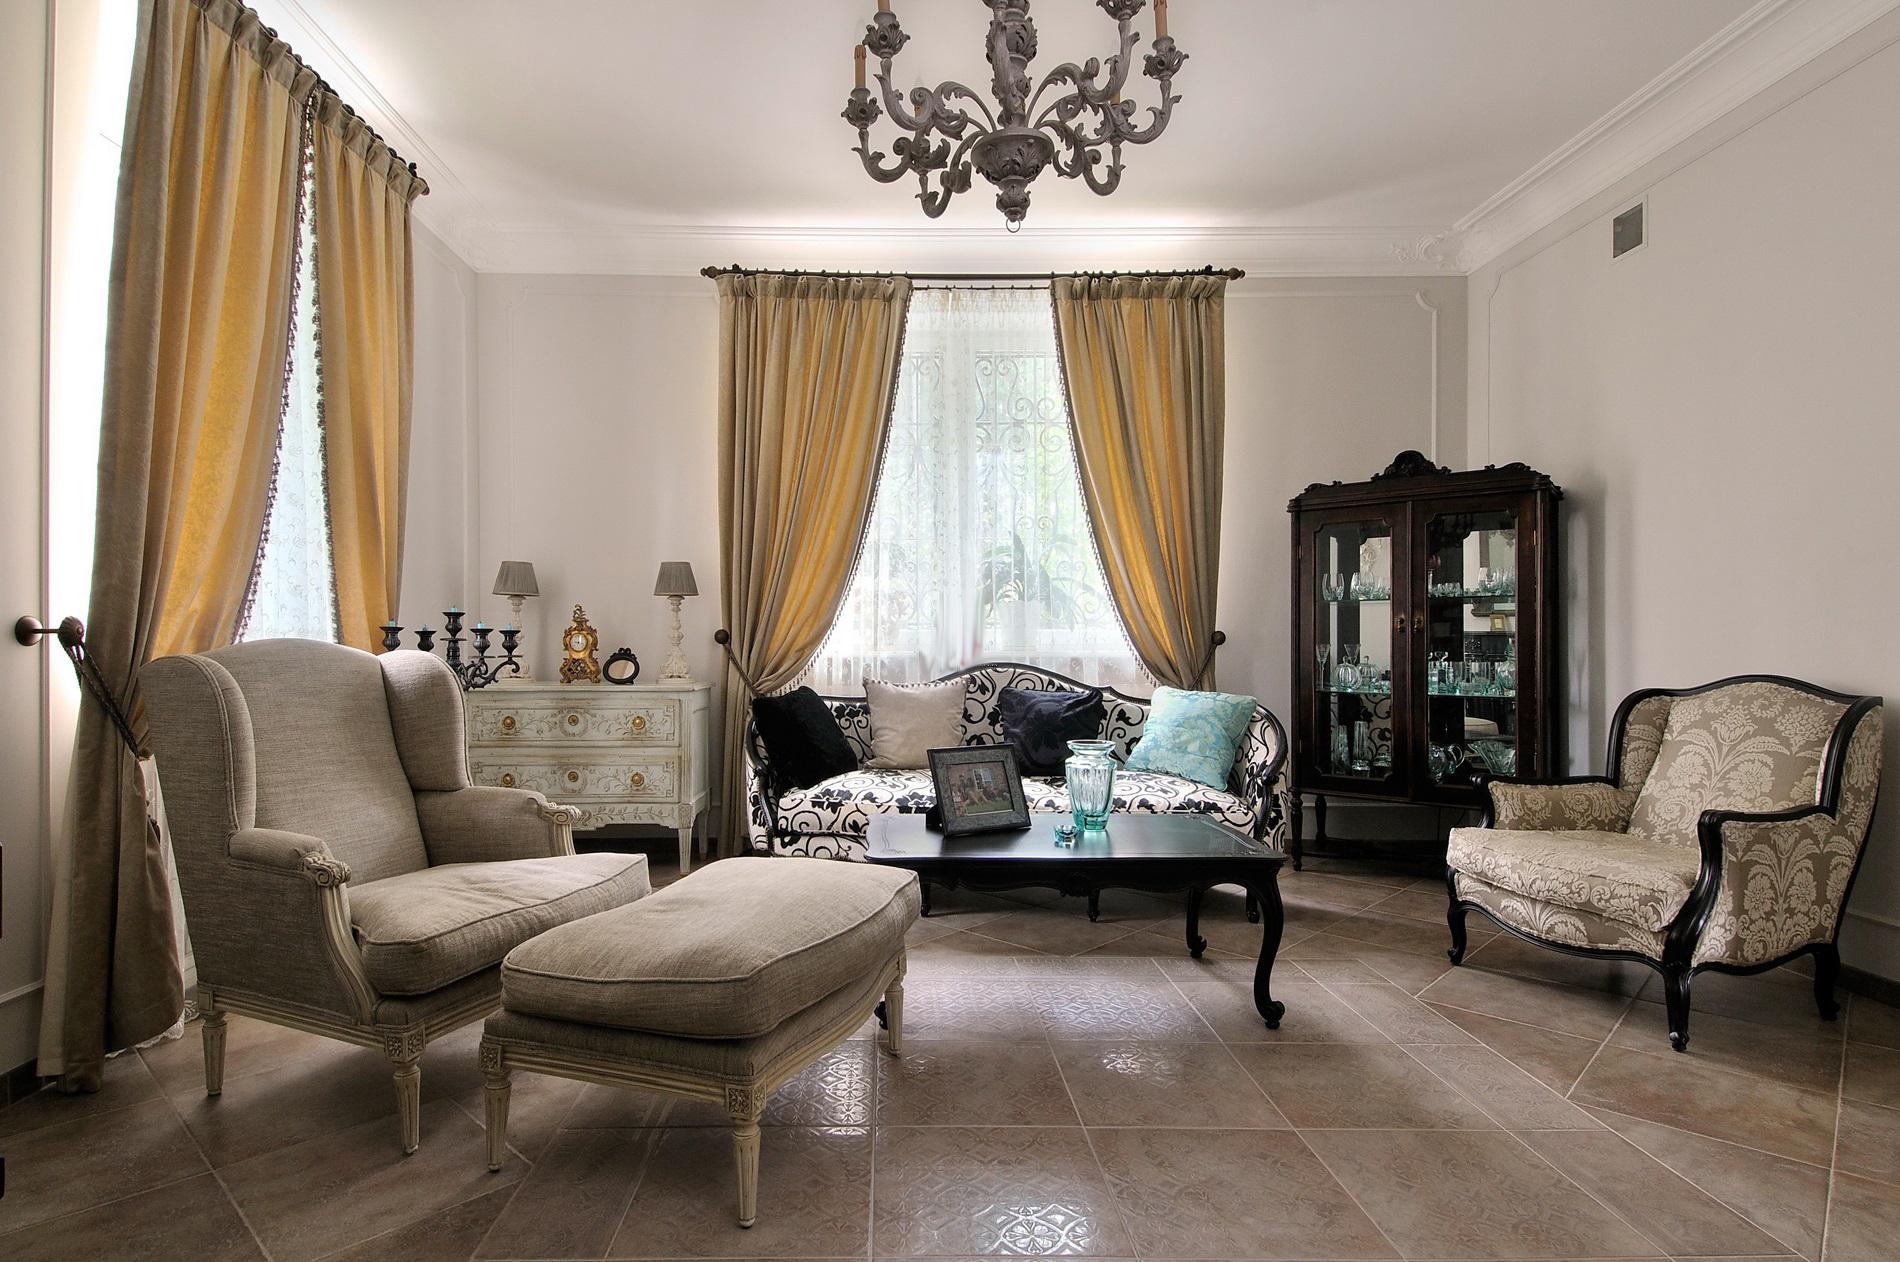 gaišs franču stila koridora dekors